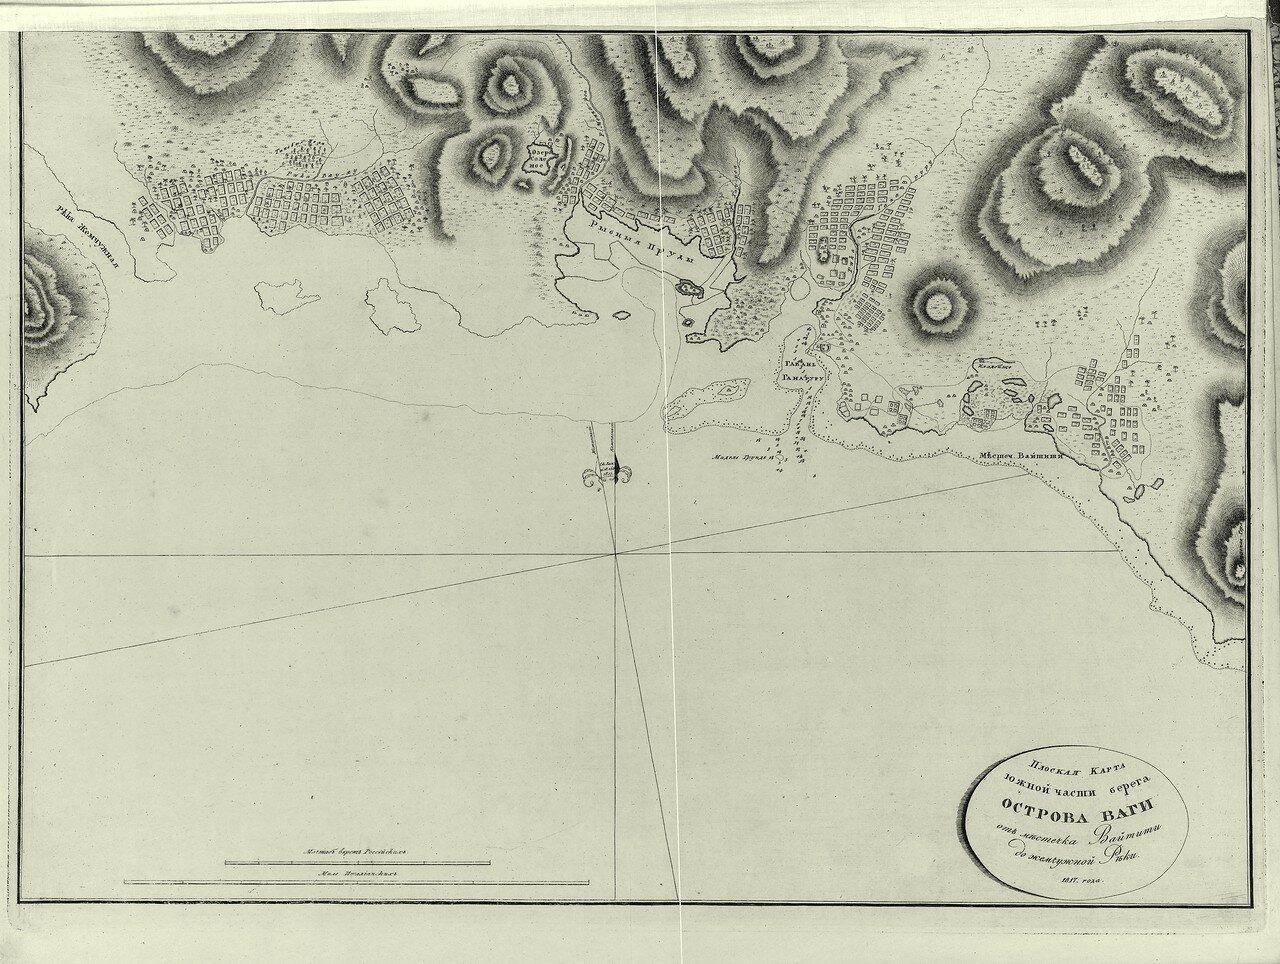 19. Плоская карта южной части берега острова Ваги от местечка Вайтити до жемчужной реки. 1817 год.